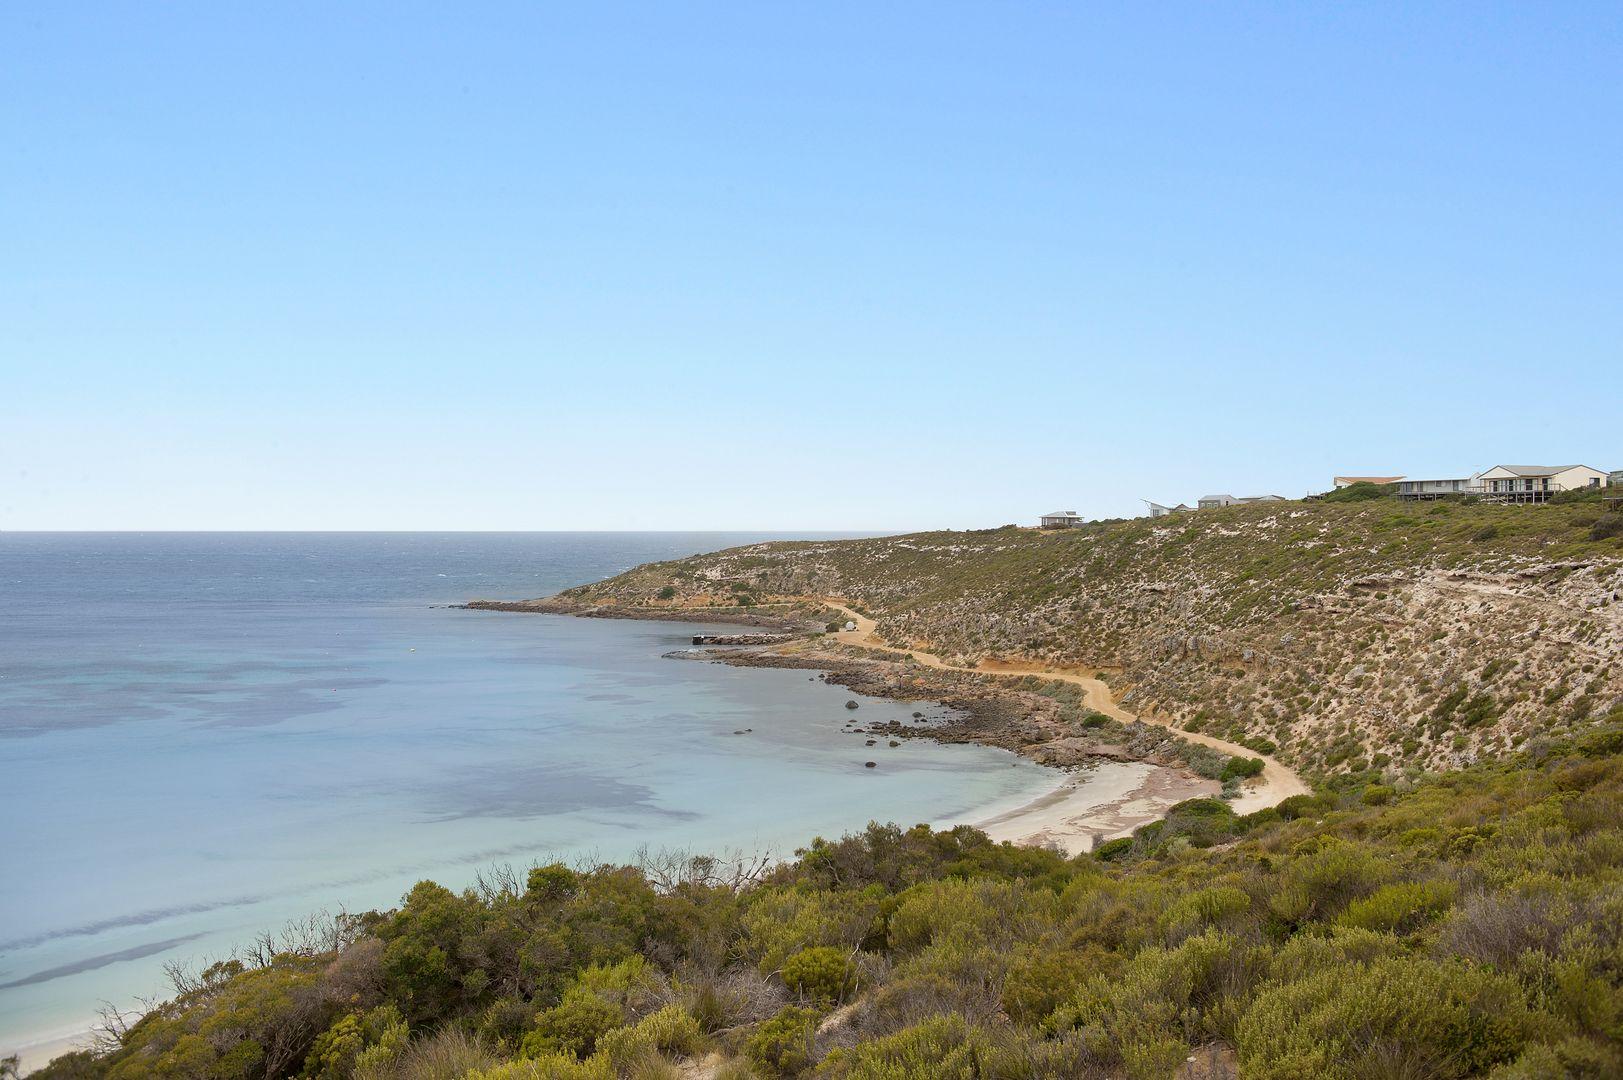 Lot 25 Thistle Island, Via Port Lincoln, Port Lincoln SA 5606, Image 2